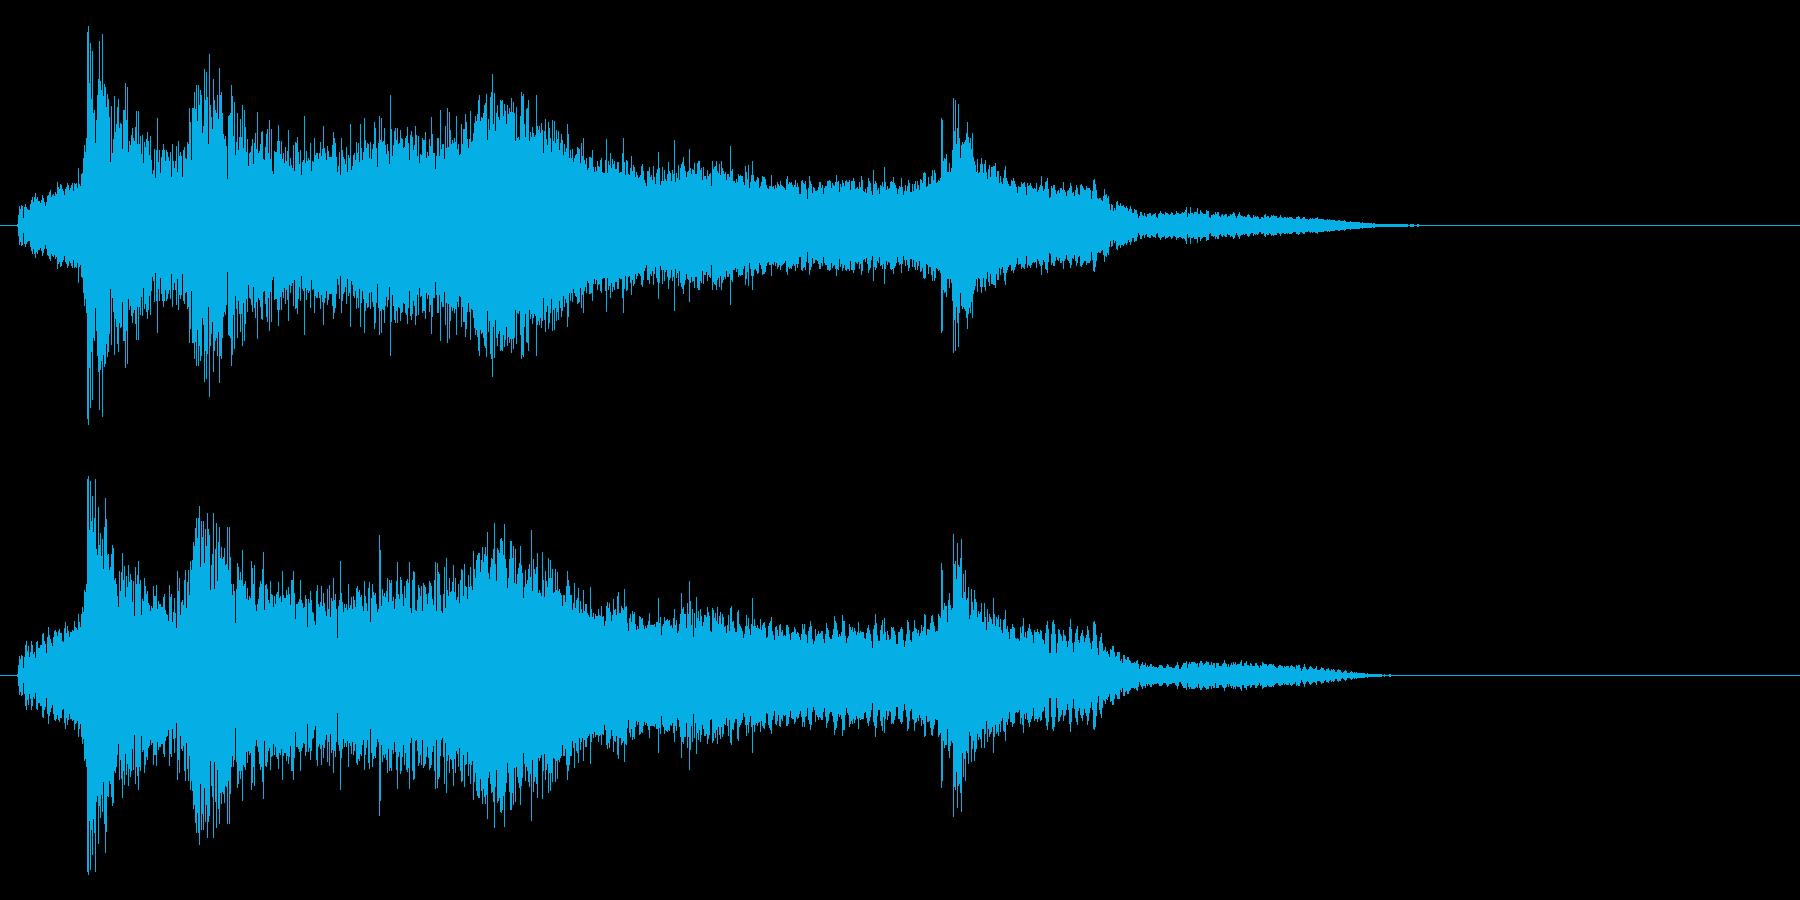 水に飛び込んだ 飛び込む時の効果音!2bの再生済みの波形